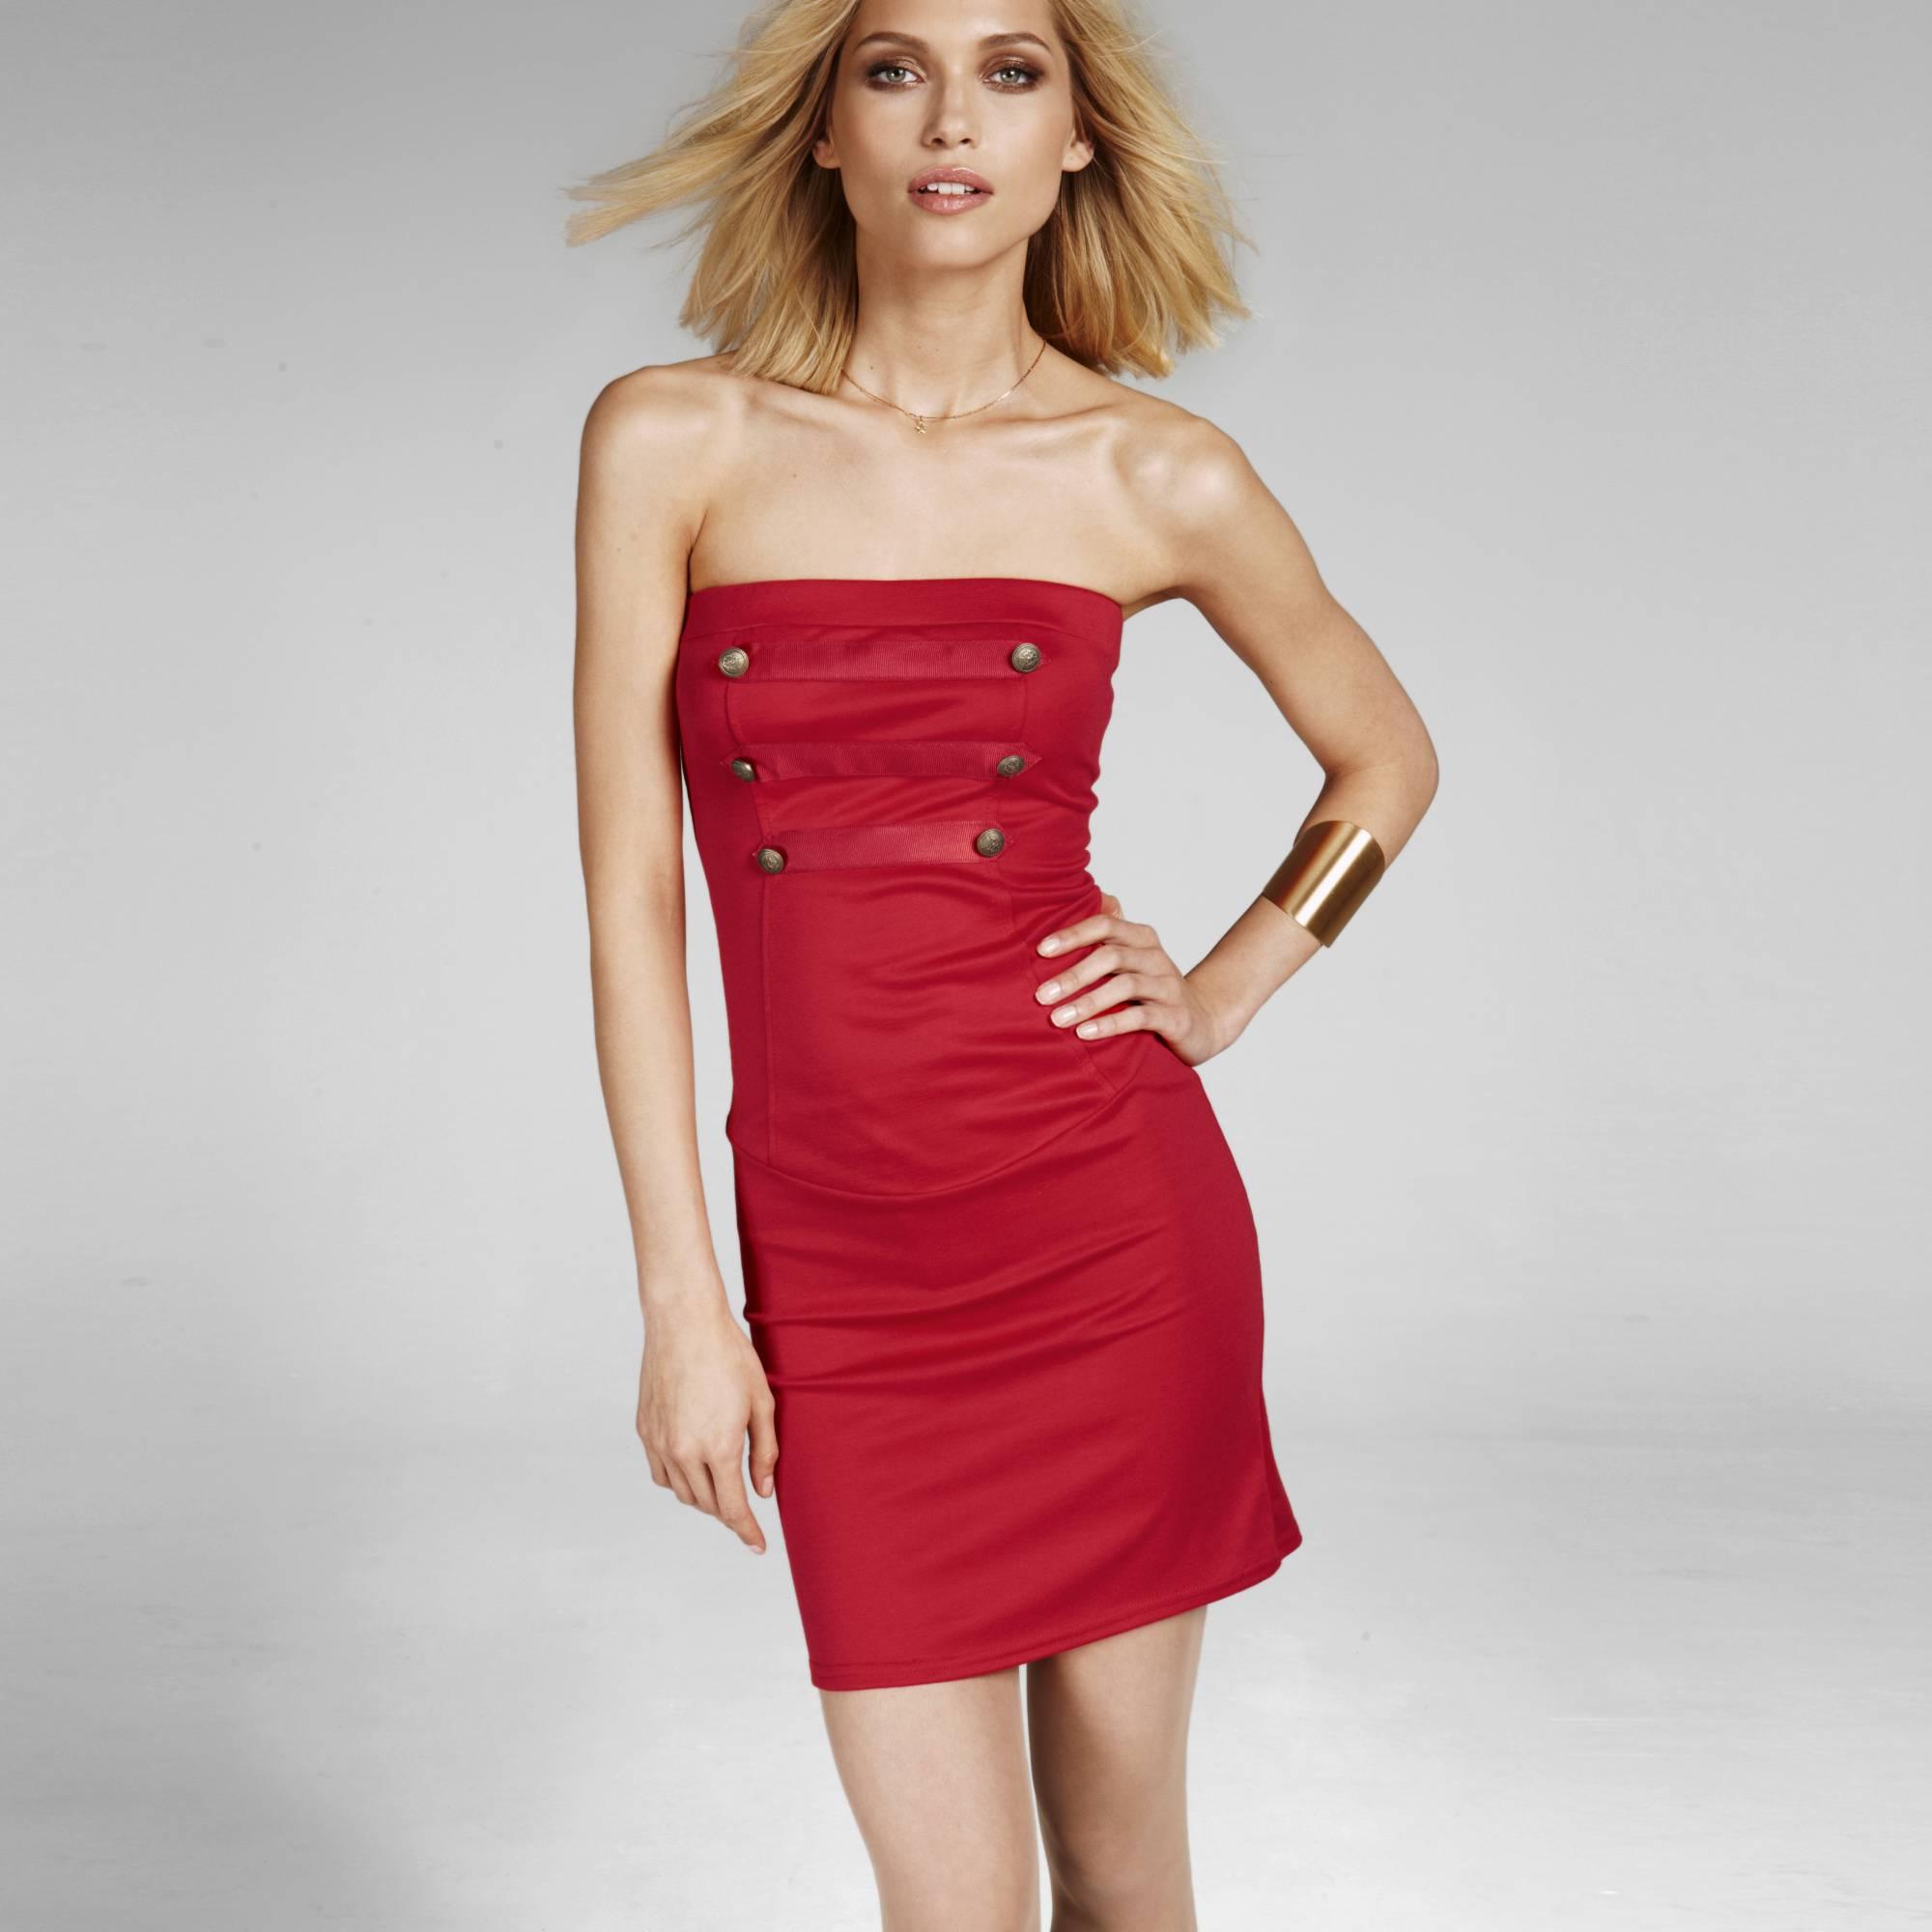 rochie rosie tip bustiera